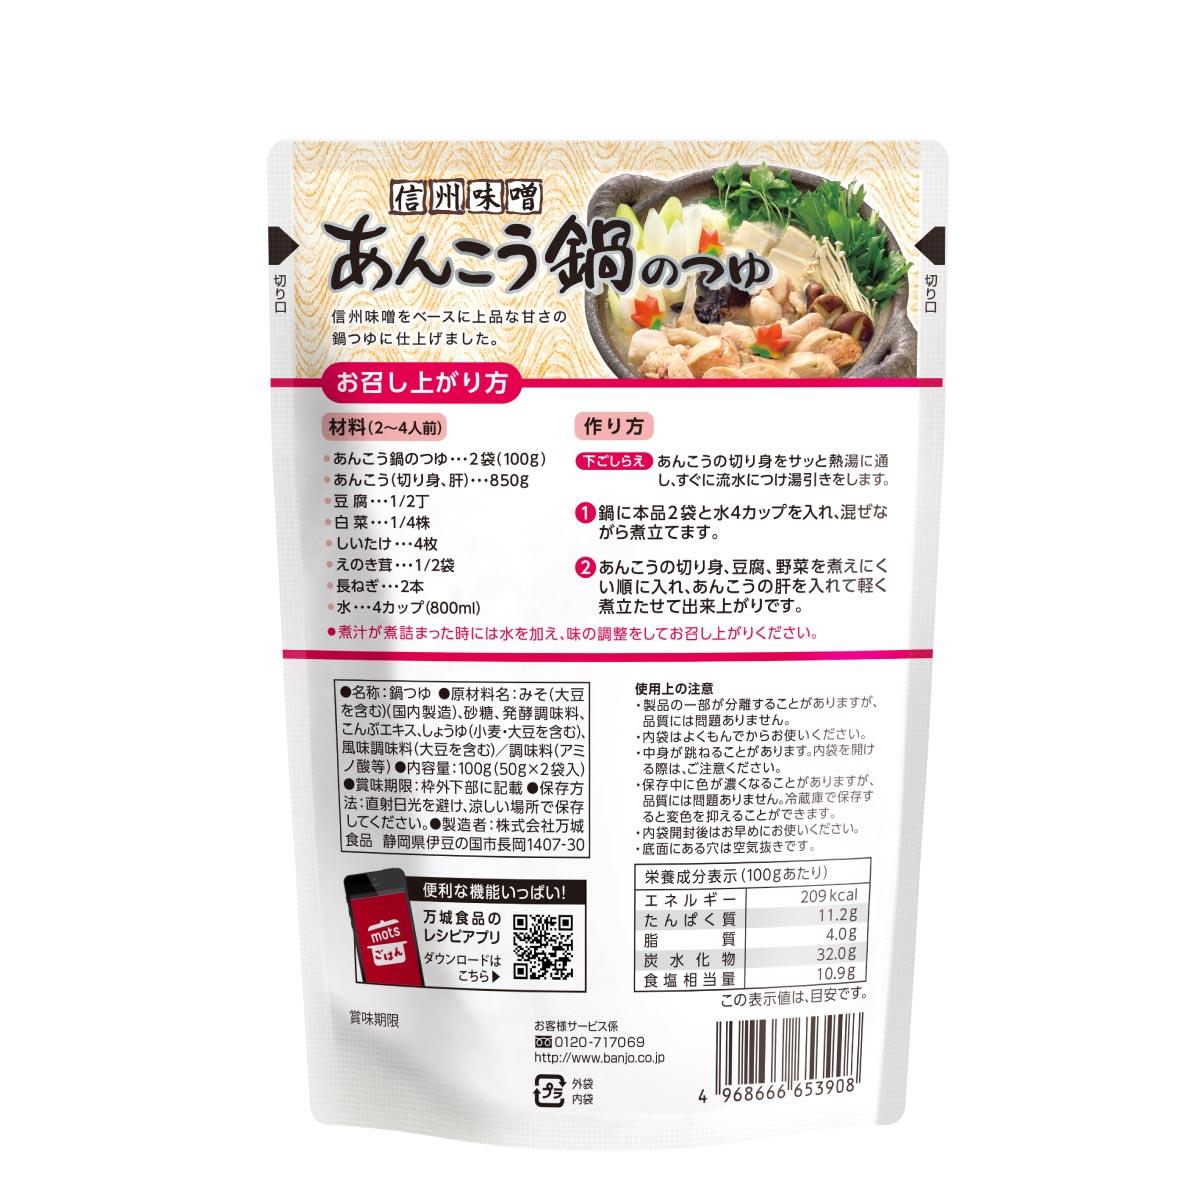 【秋冬限定】あんこう鍋のつゆ(濃縮タイプ)